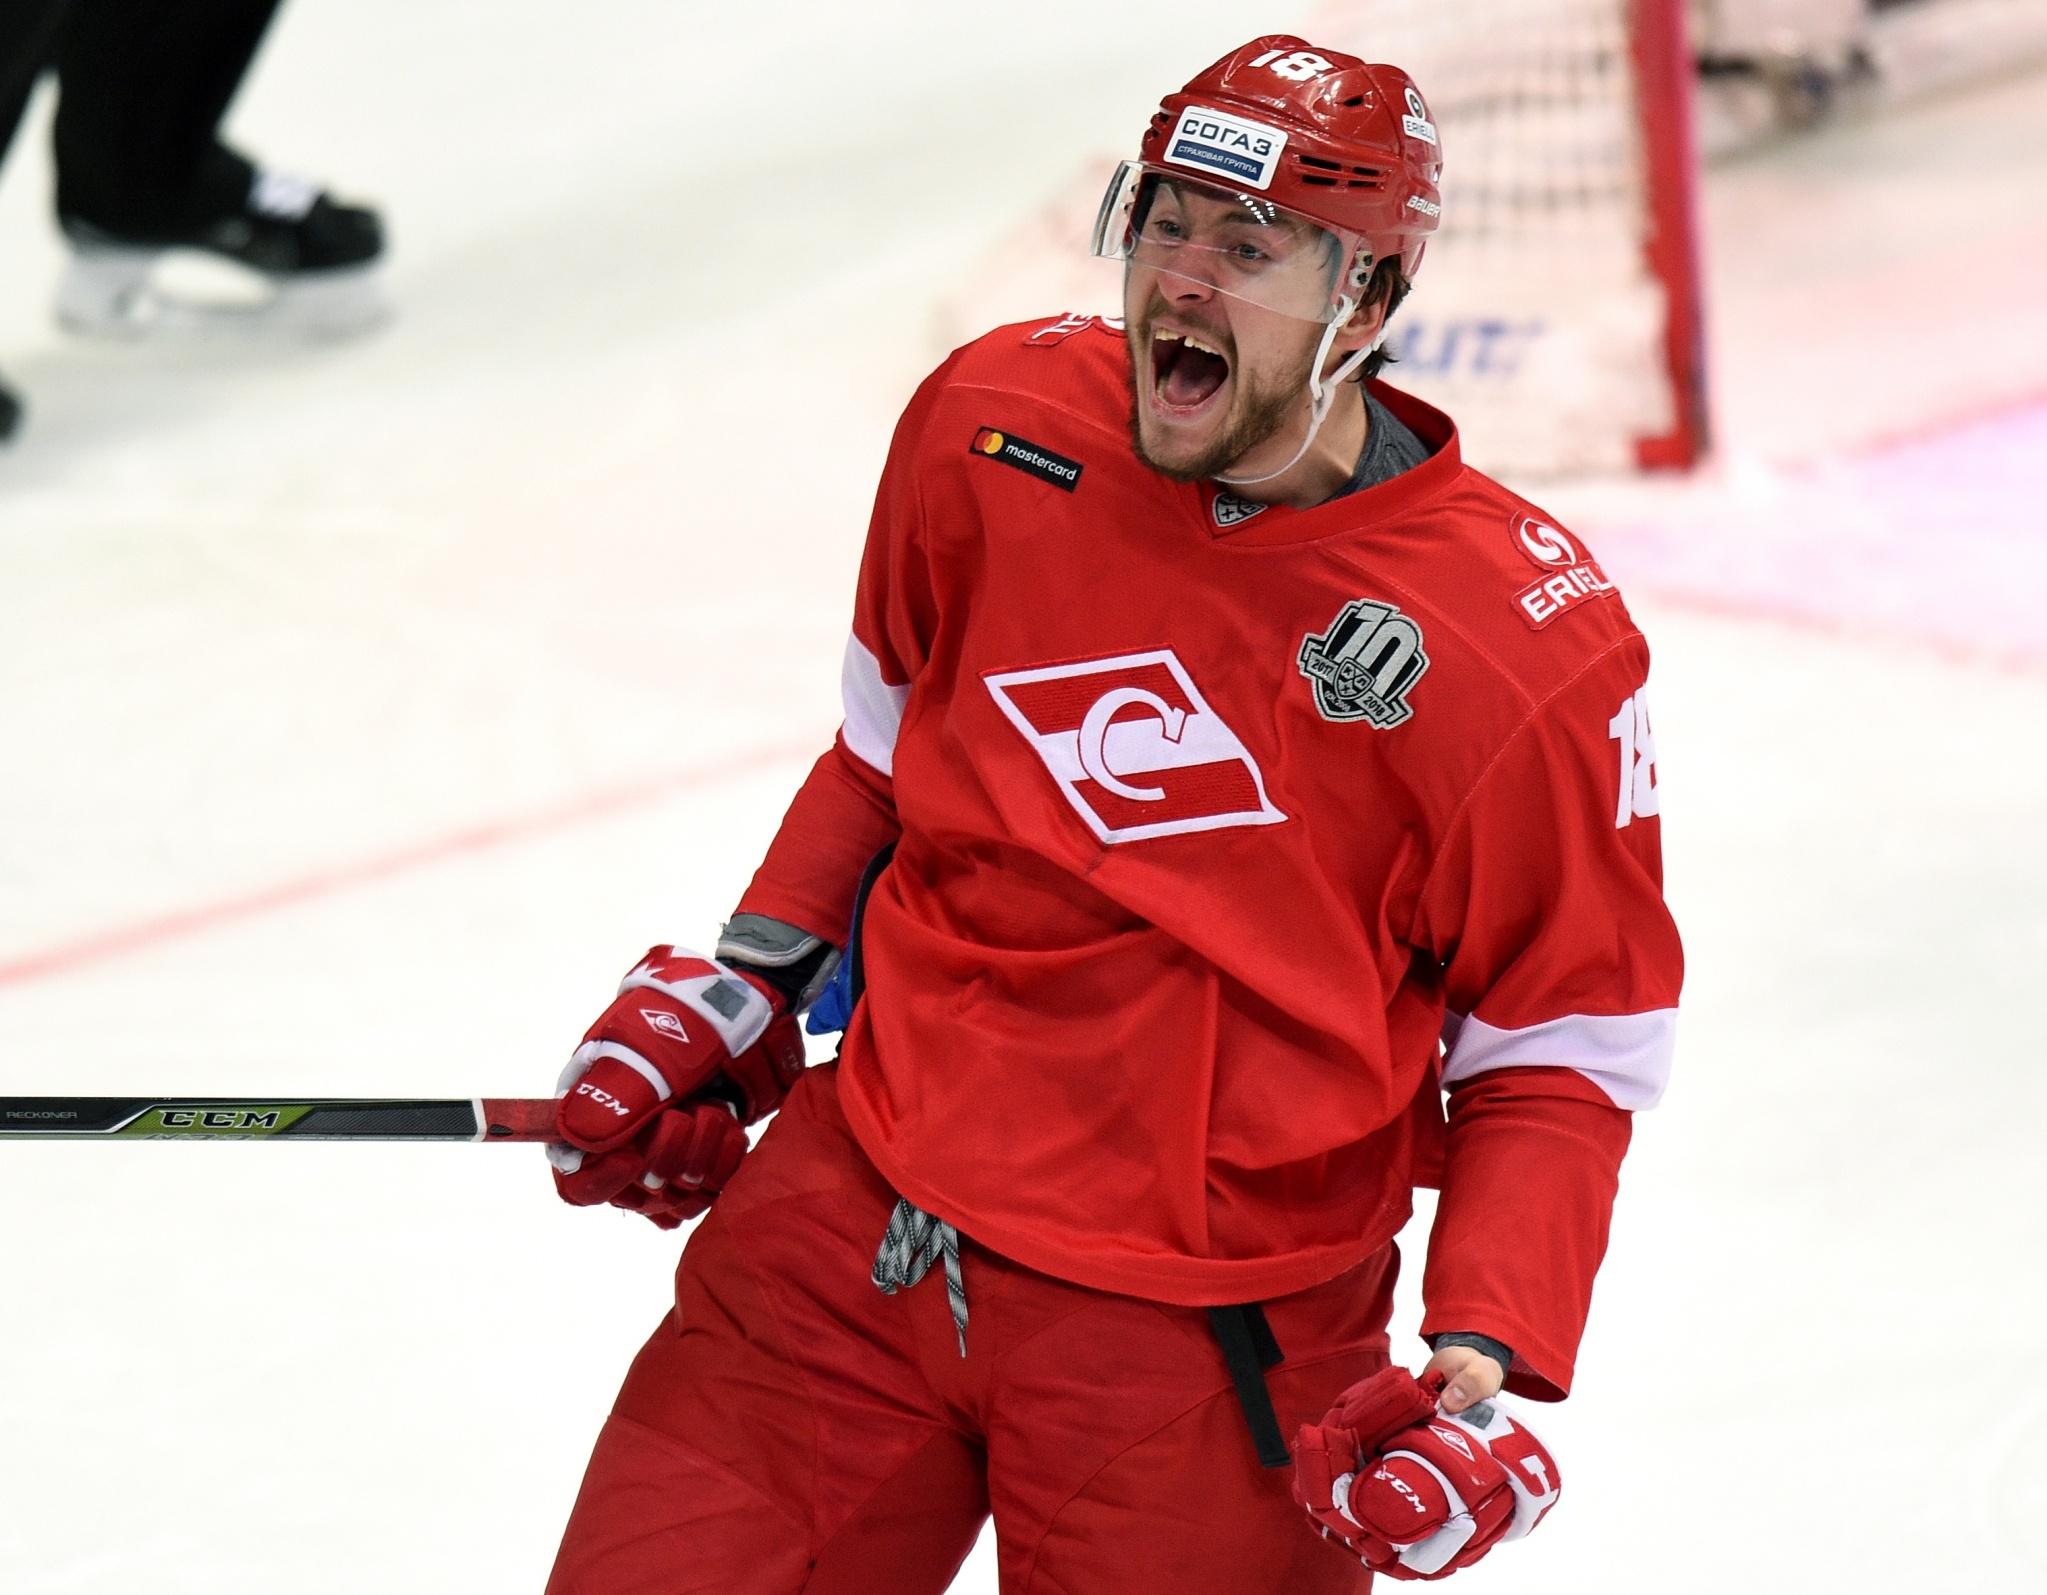 Русские хоккеисты проиграли 1-ый матч под управлением Воробьева